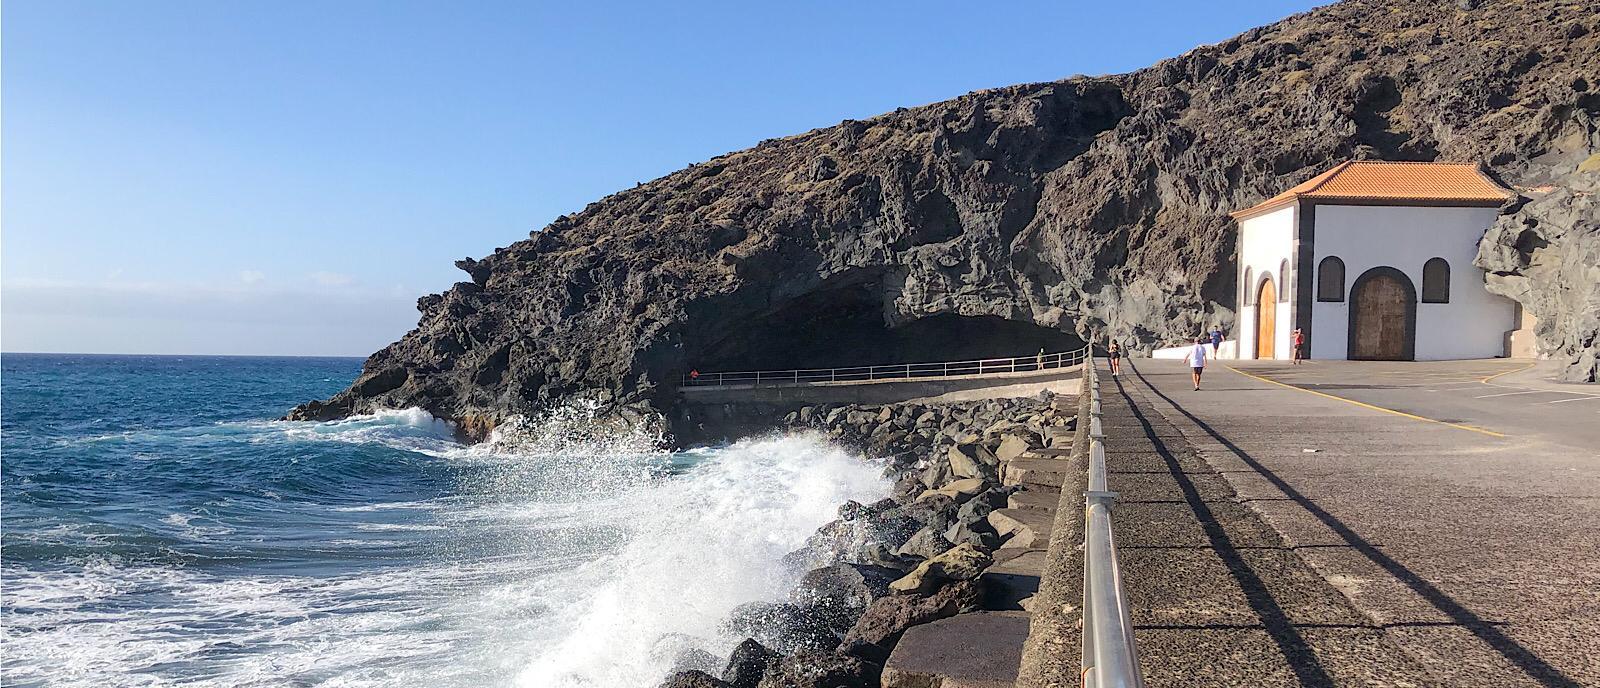 Qué ver en Candelaria, Tenerife